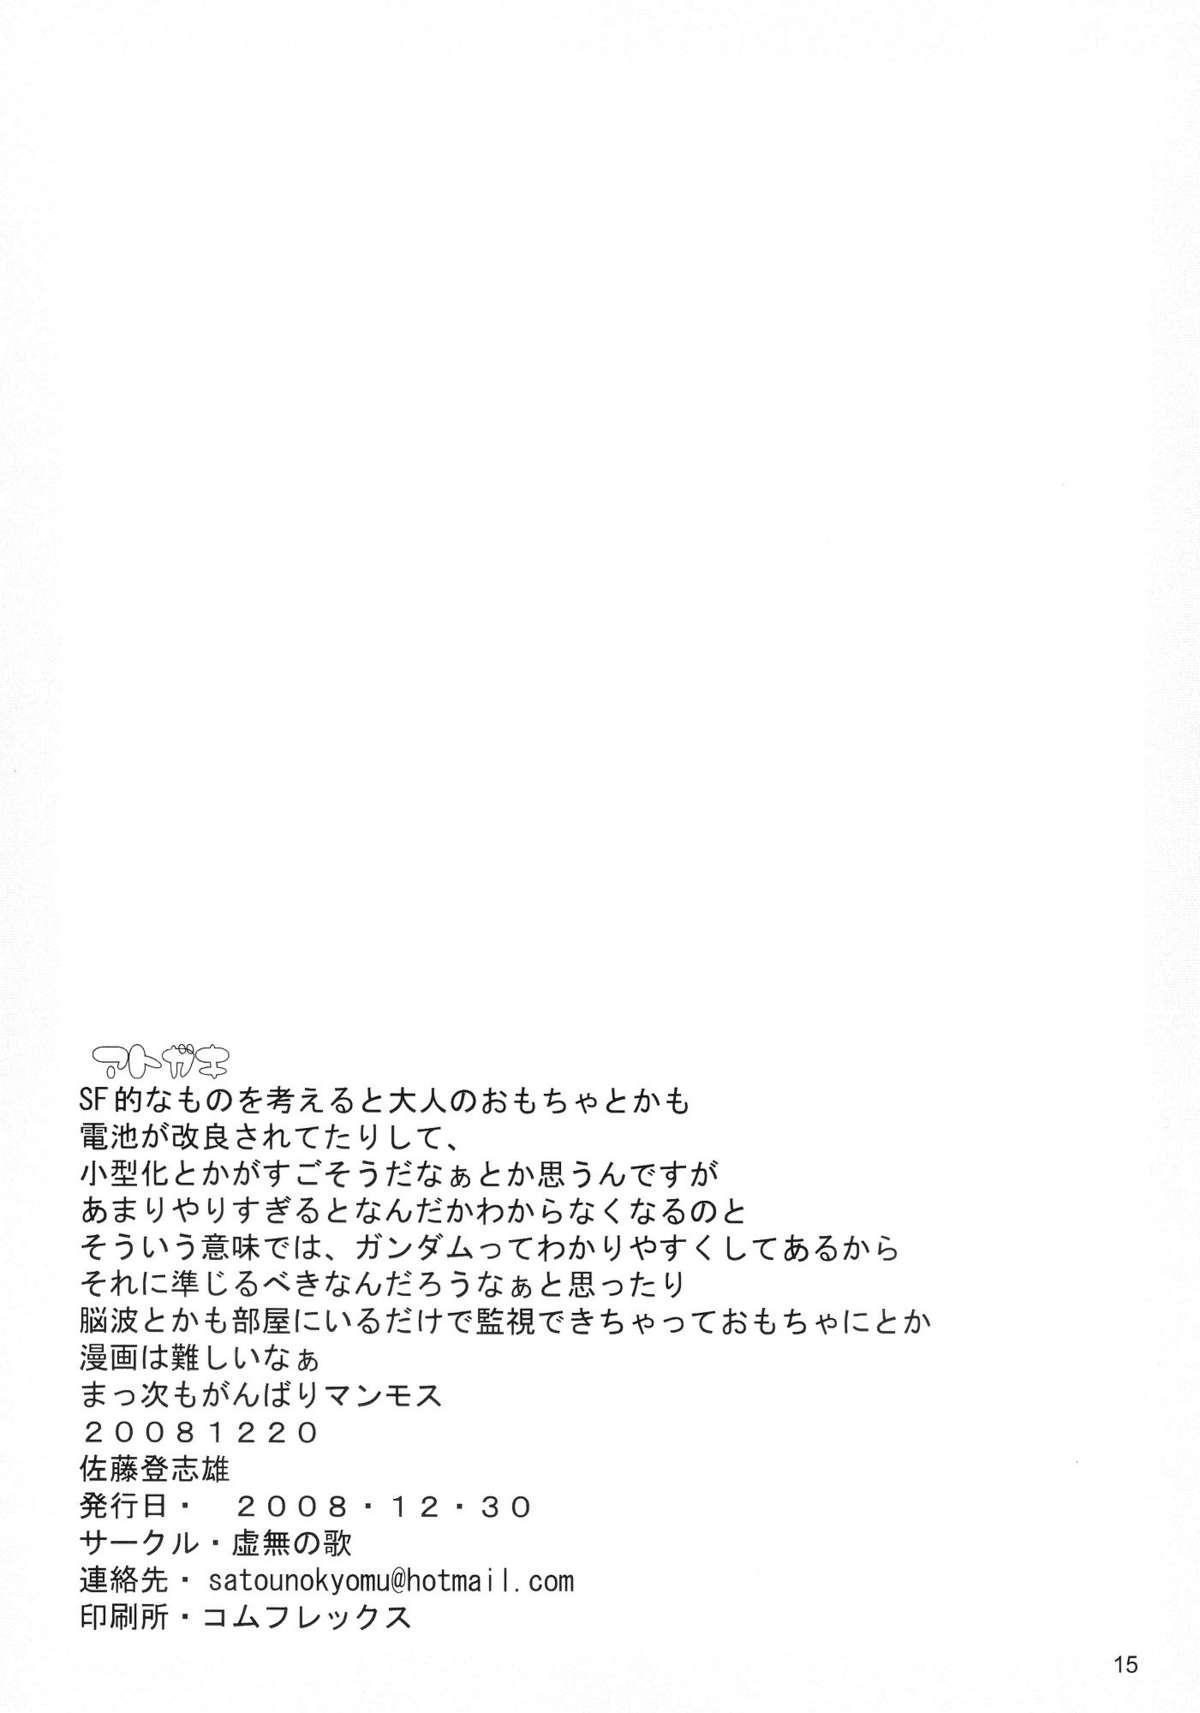 ai nado to iu mono de wa nakute 04.3 14